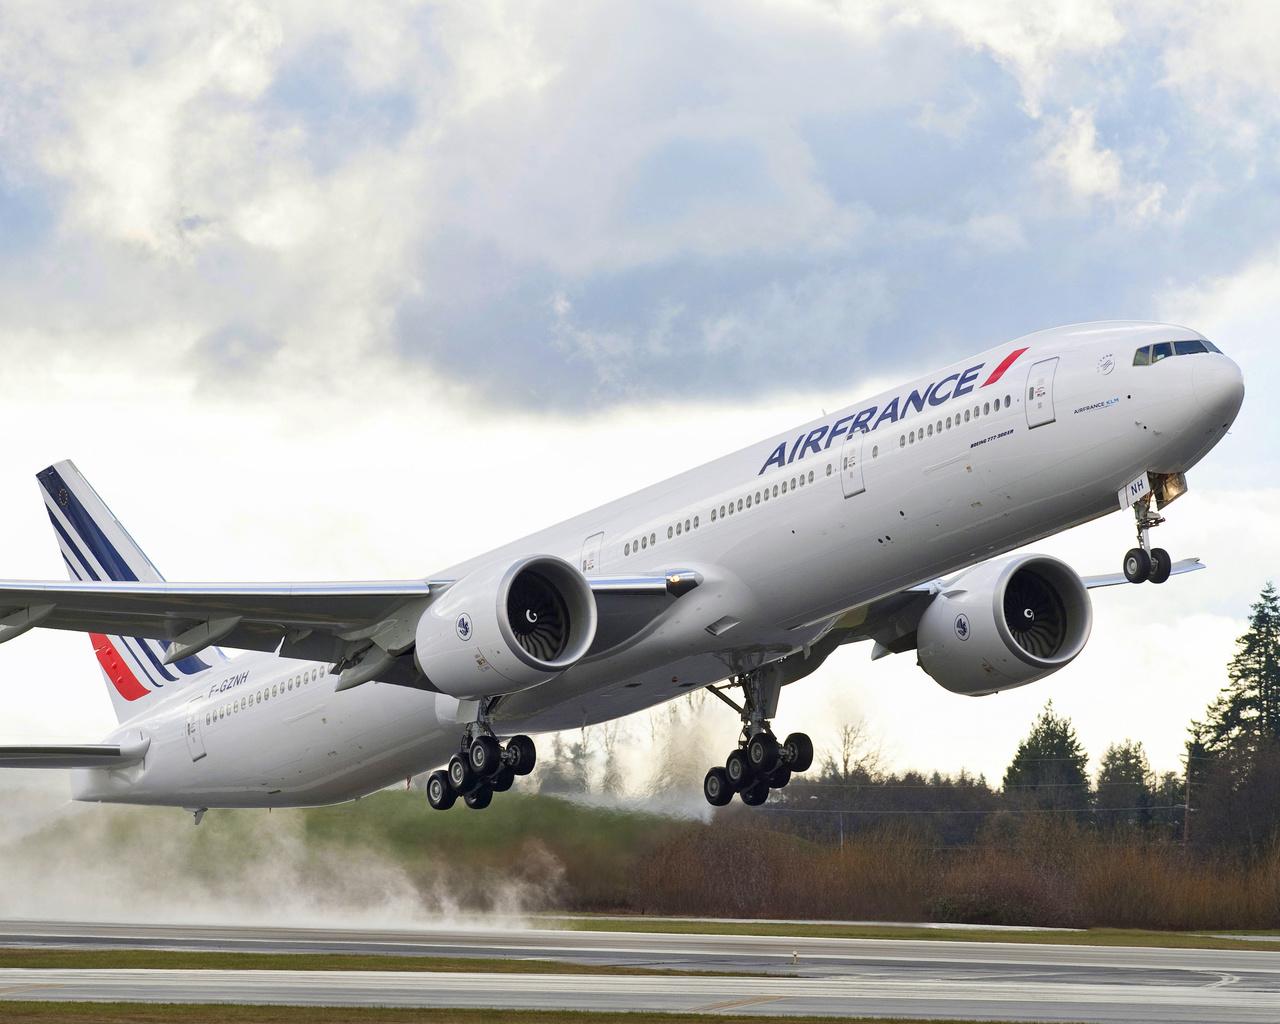 эйр, франс, 777, boeing, самолёт, боинг, air, france